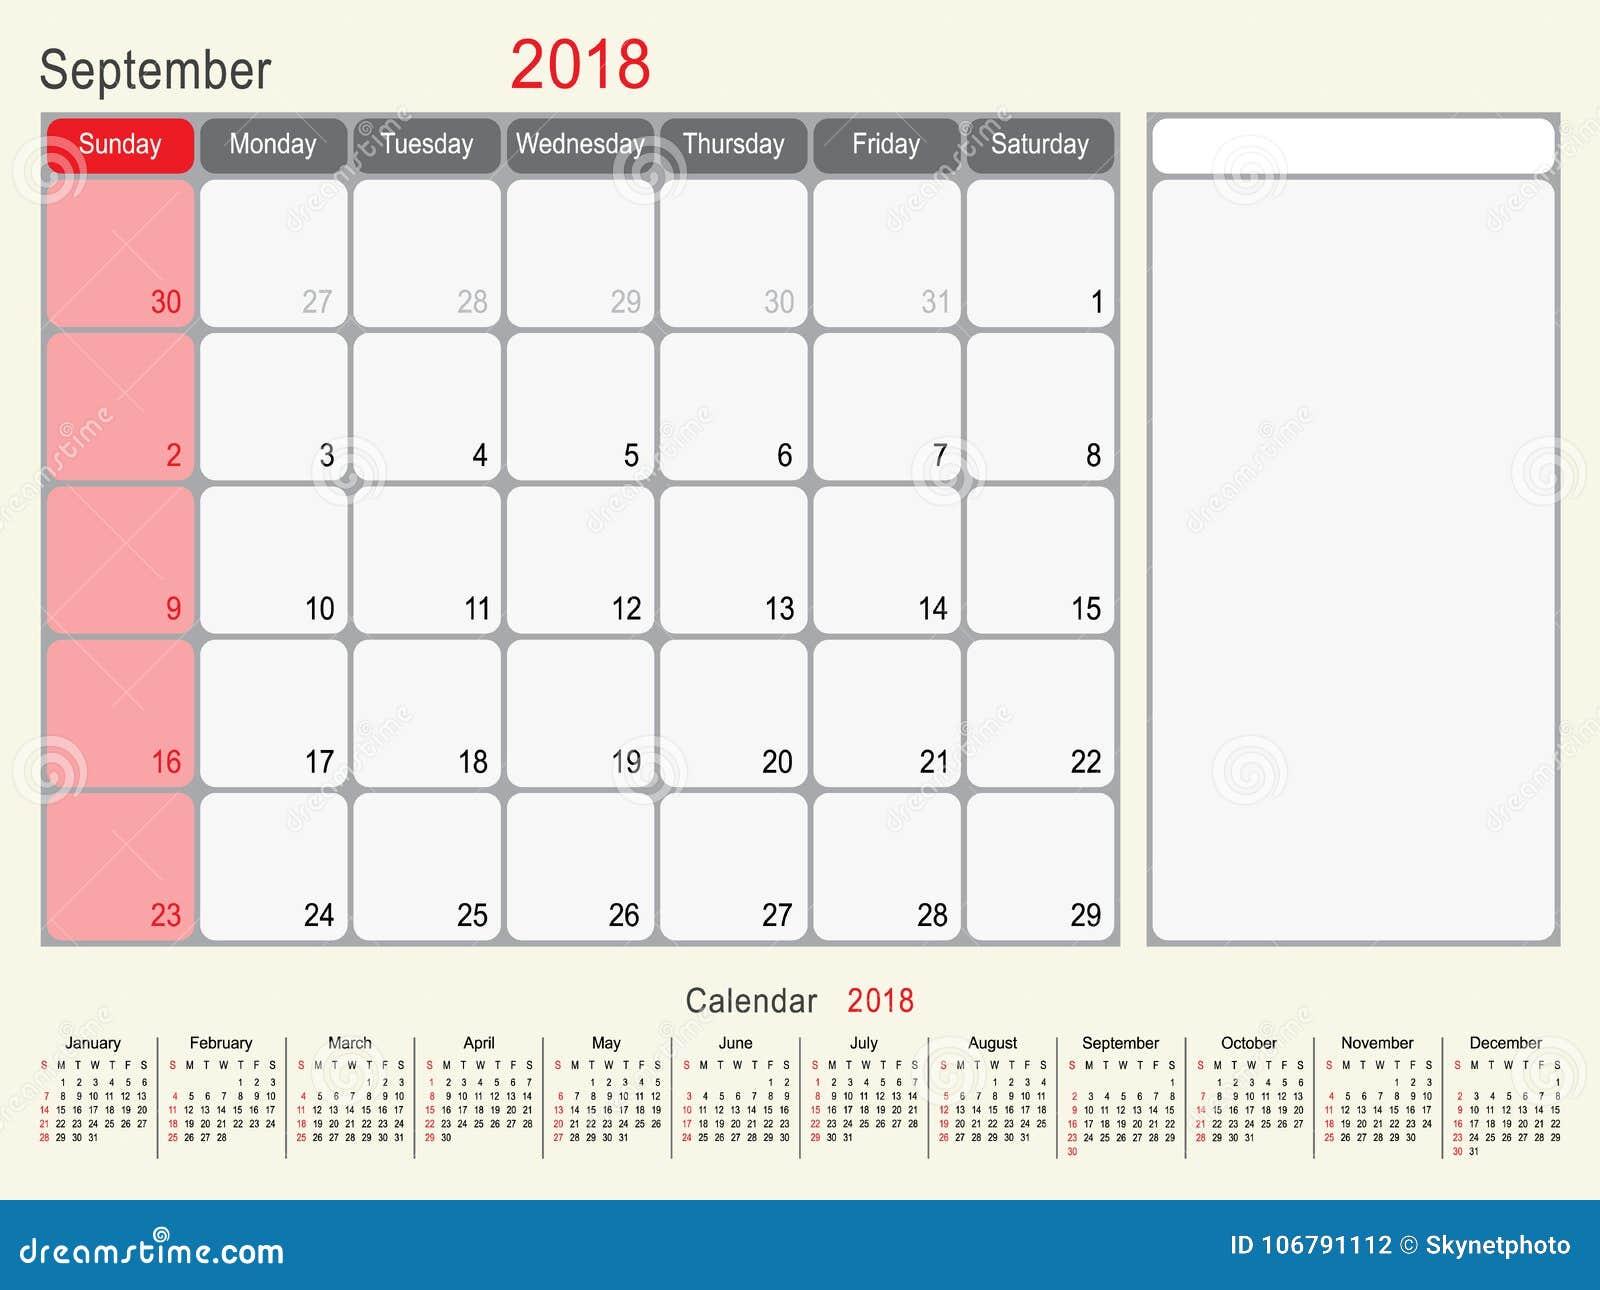 September 2018 Calendar Planner Design Stock Vector